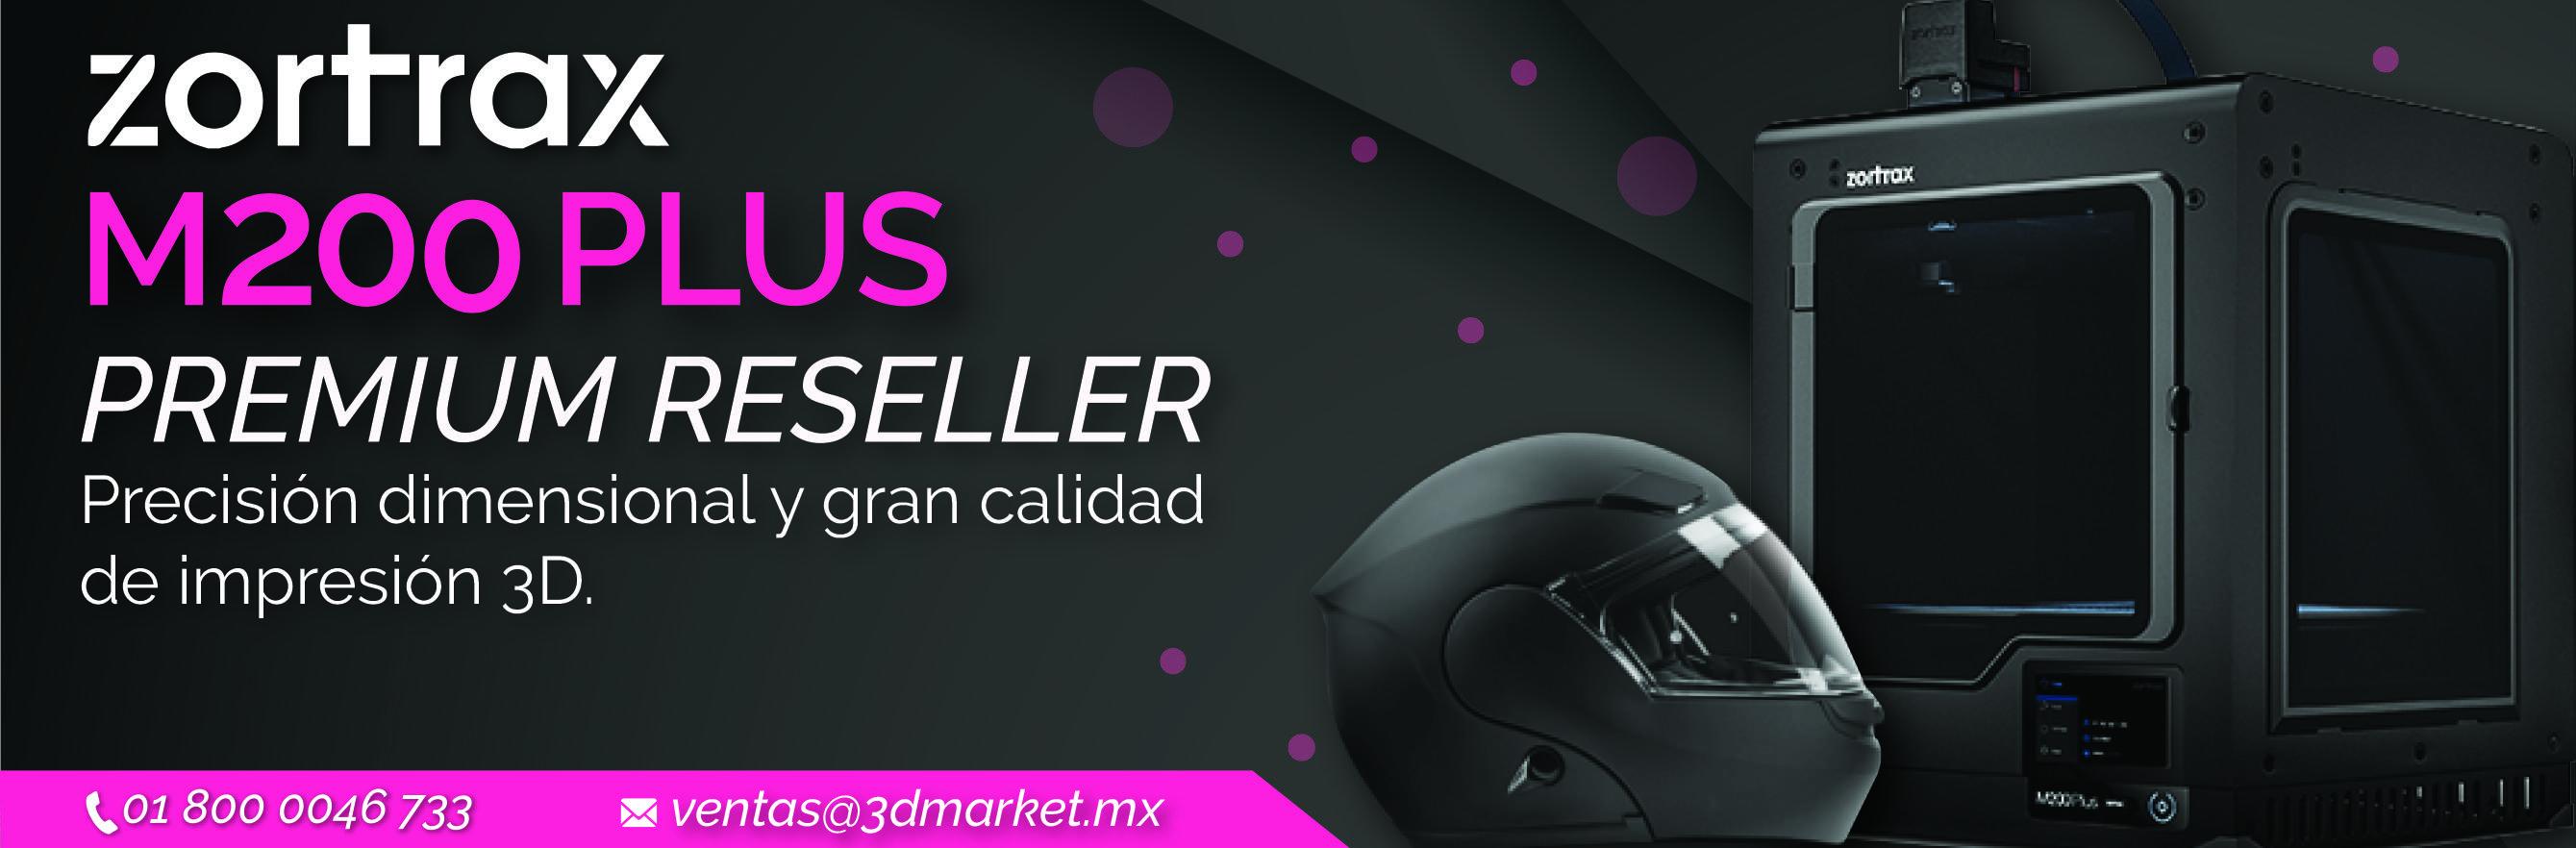 zortrax-venta-zortraxm200plus-mexico-compraaqui